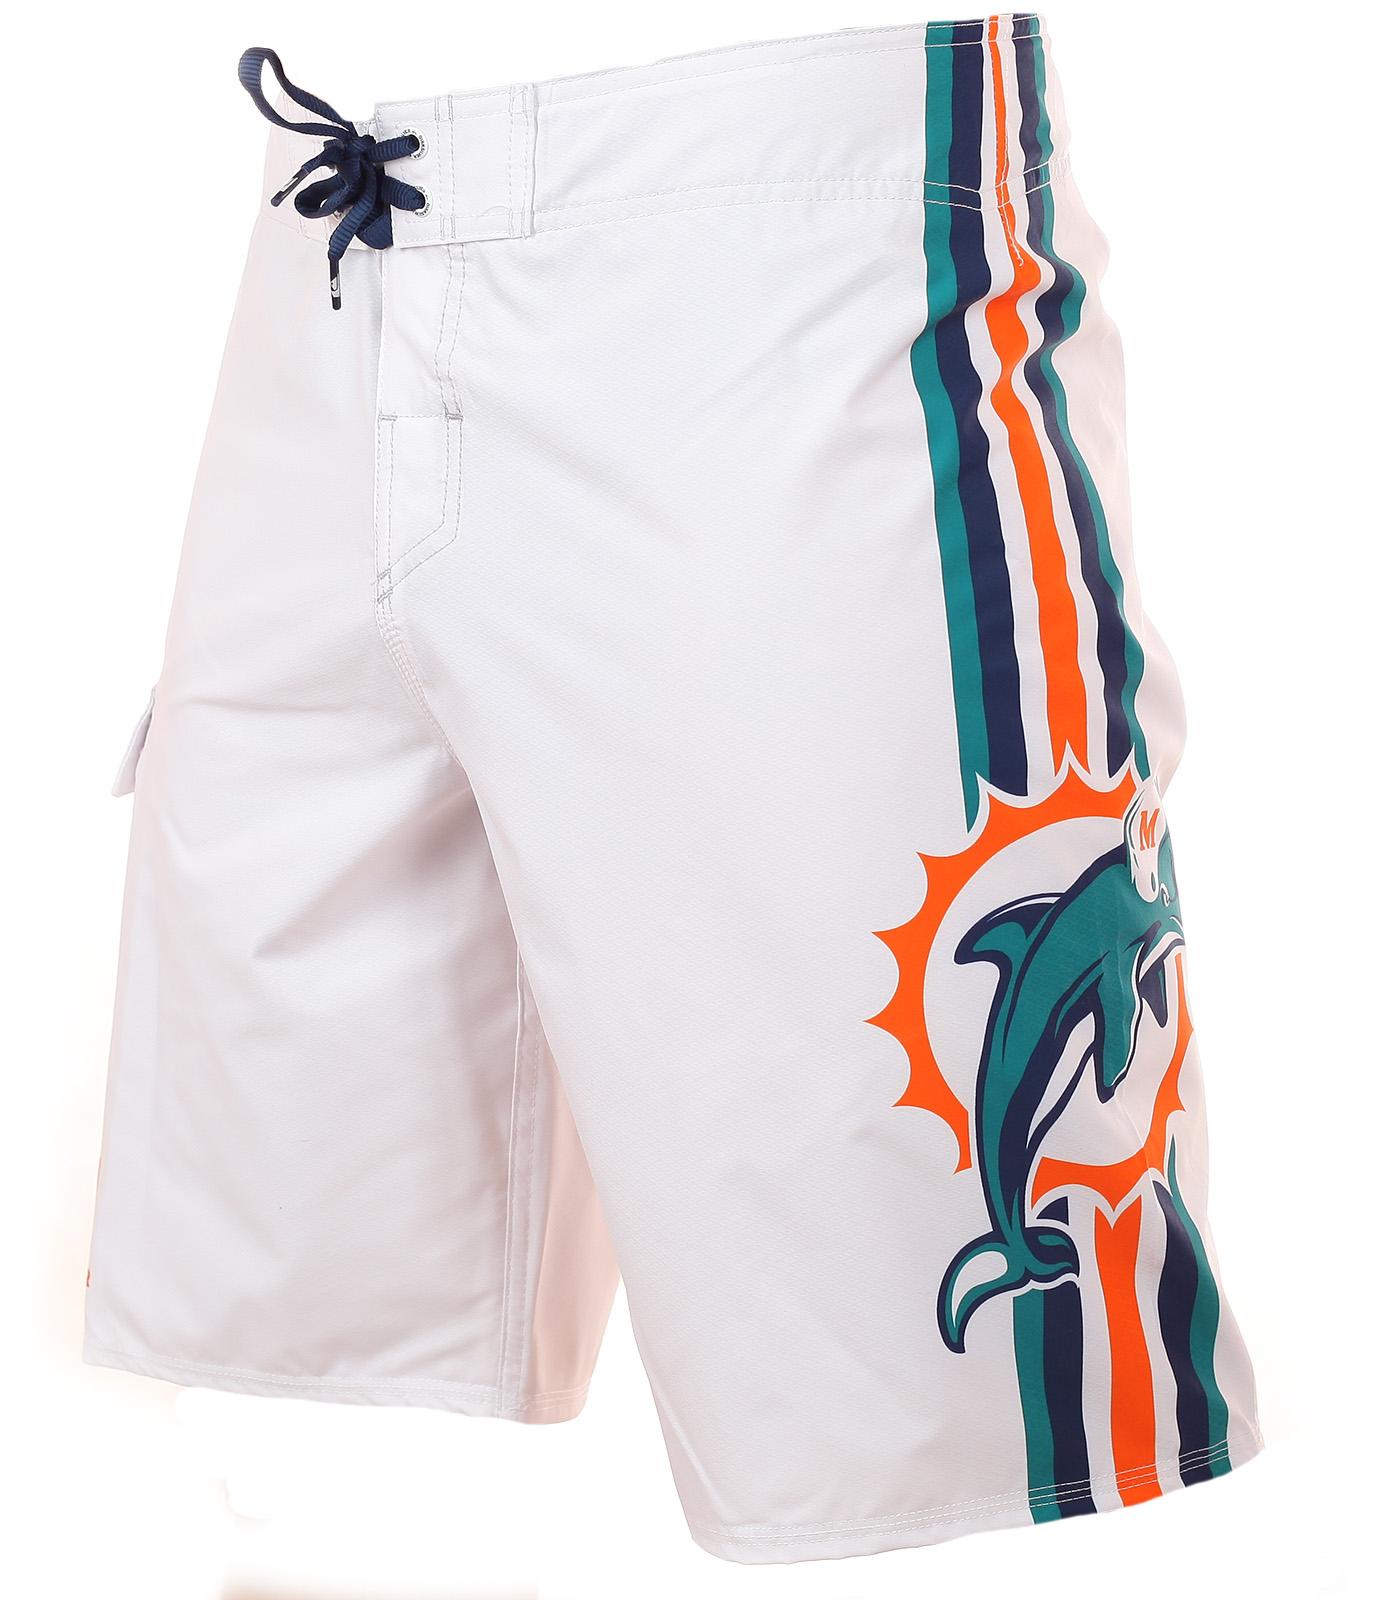 Морские бордшорты профессионального футбольного клуба Miami Dolphins